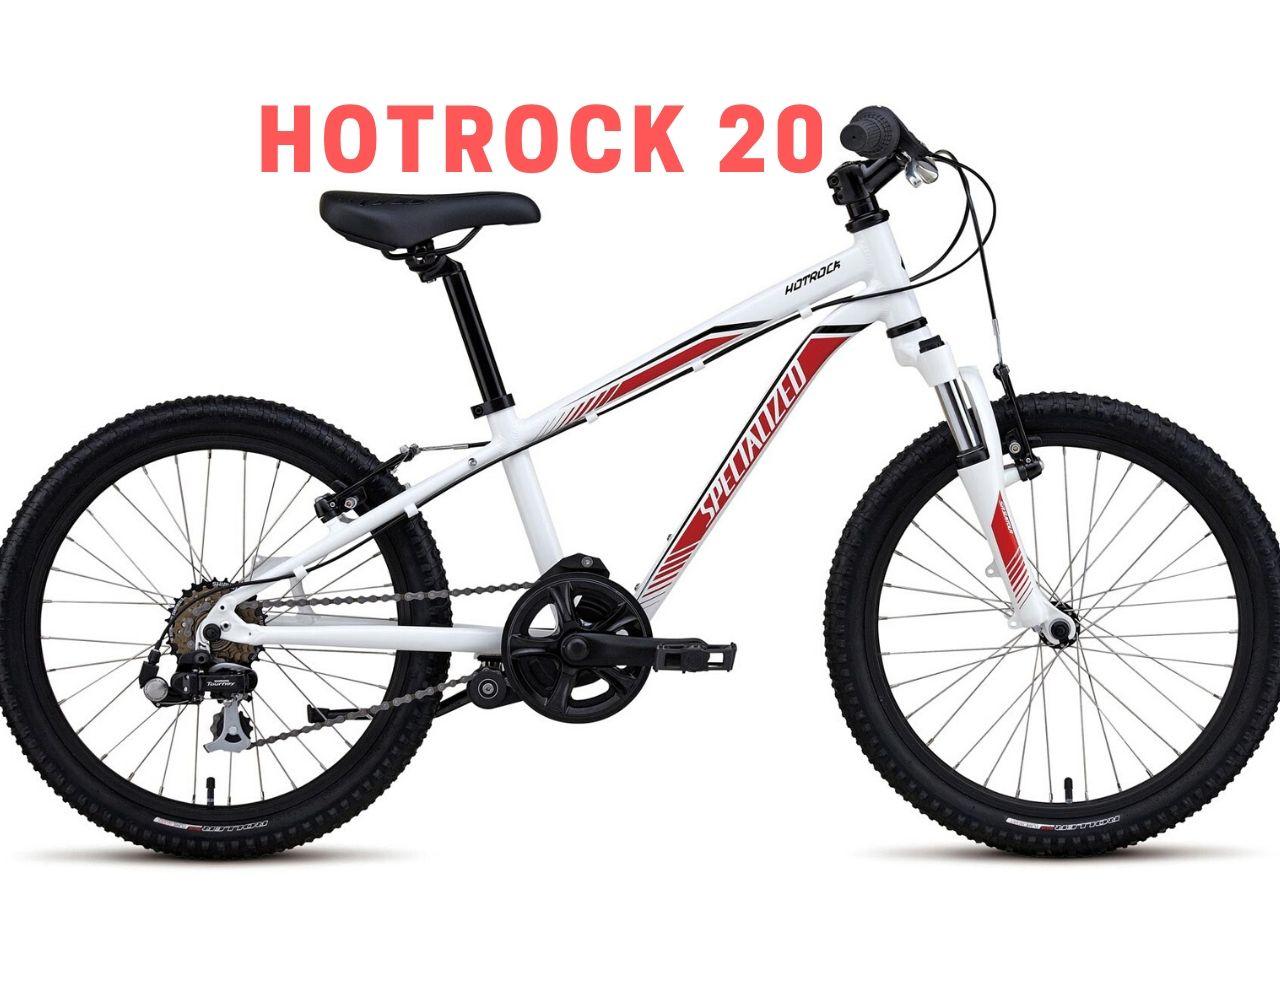 HotRock 20